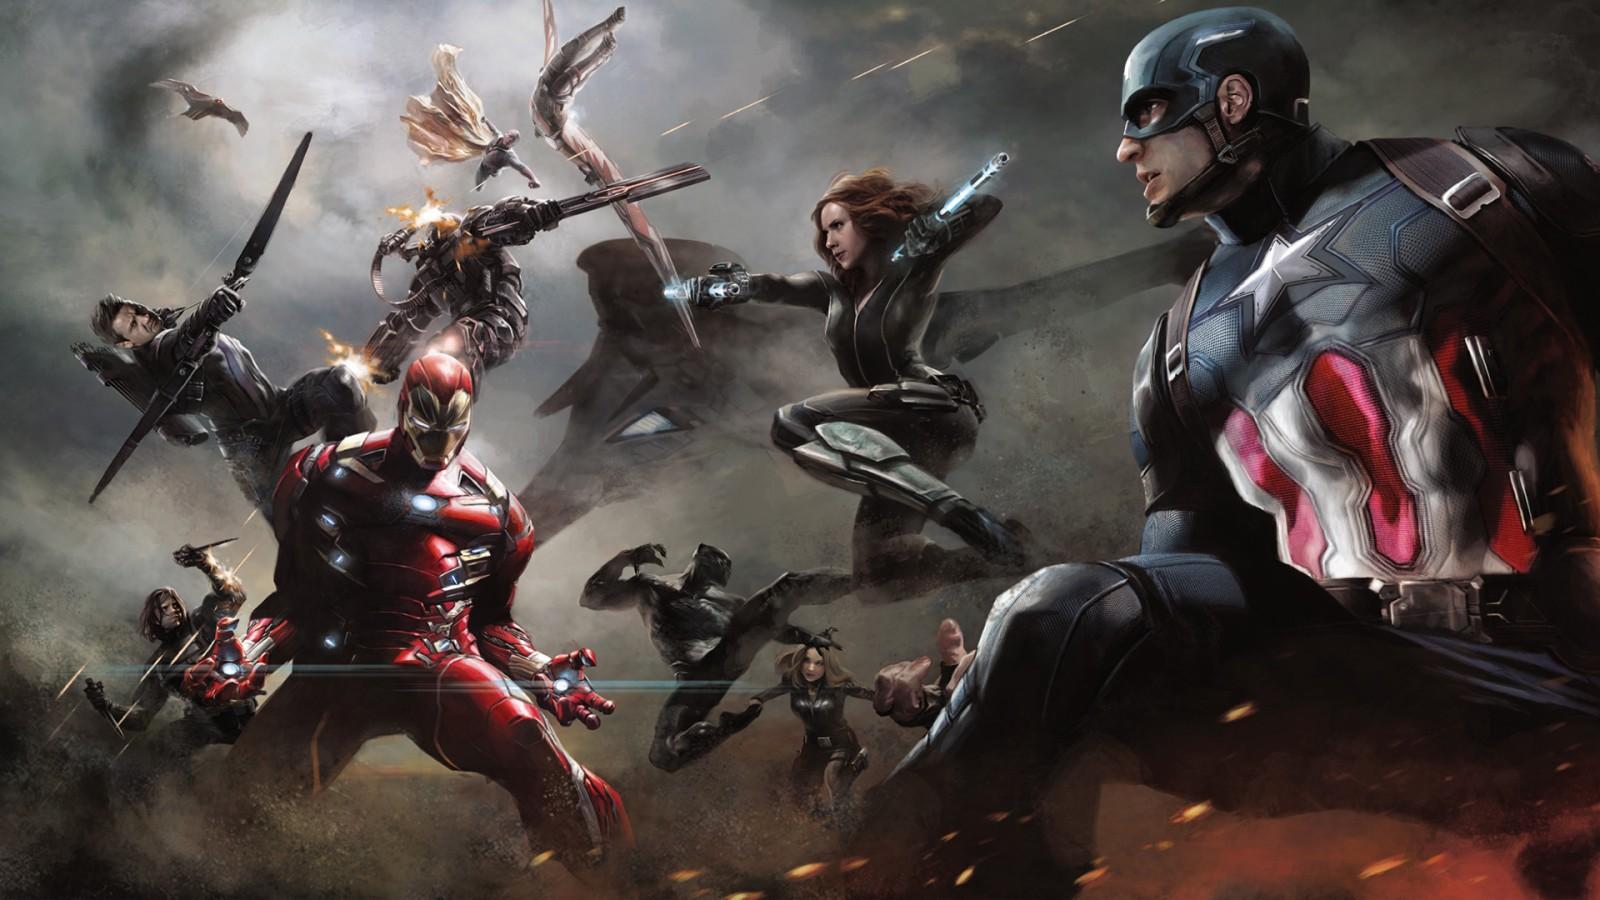 3d Music Wallpaper Hd Captain America Civil War Artwork Wallpapers Hd